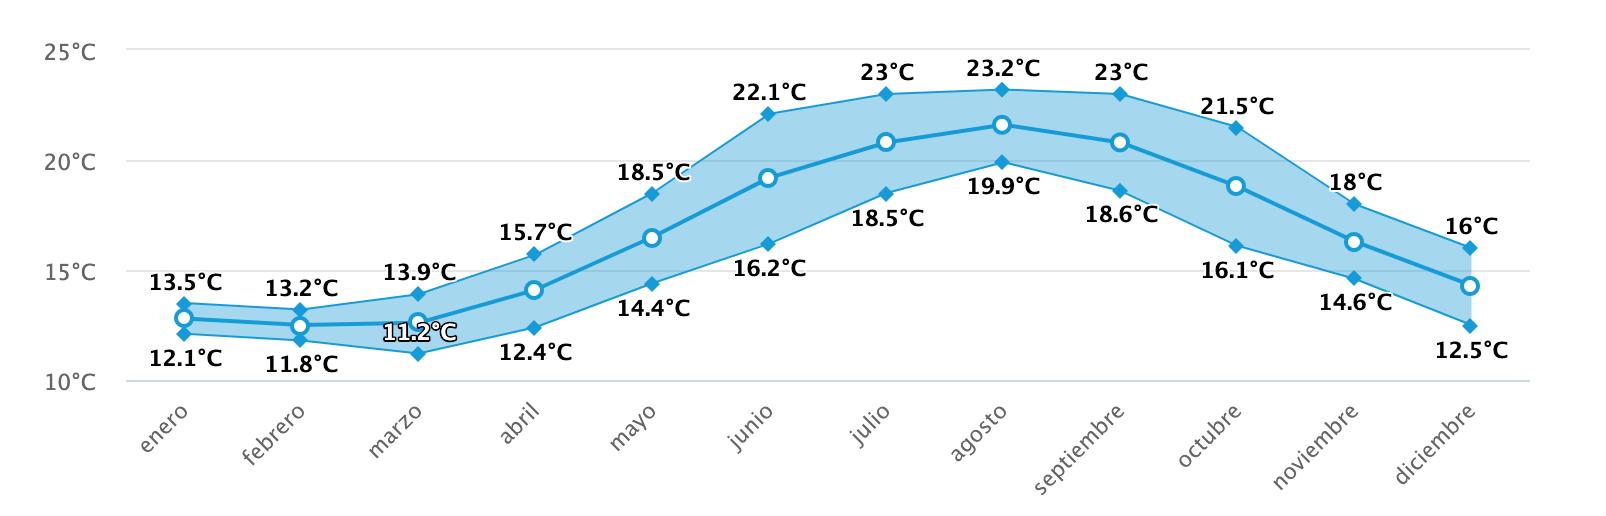 temperatura agua hossegor